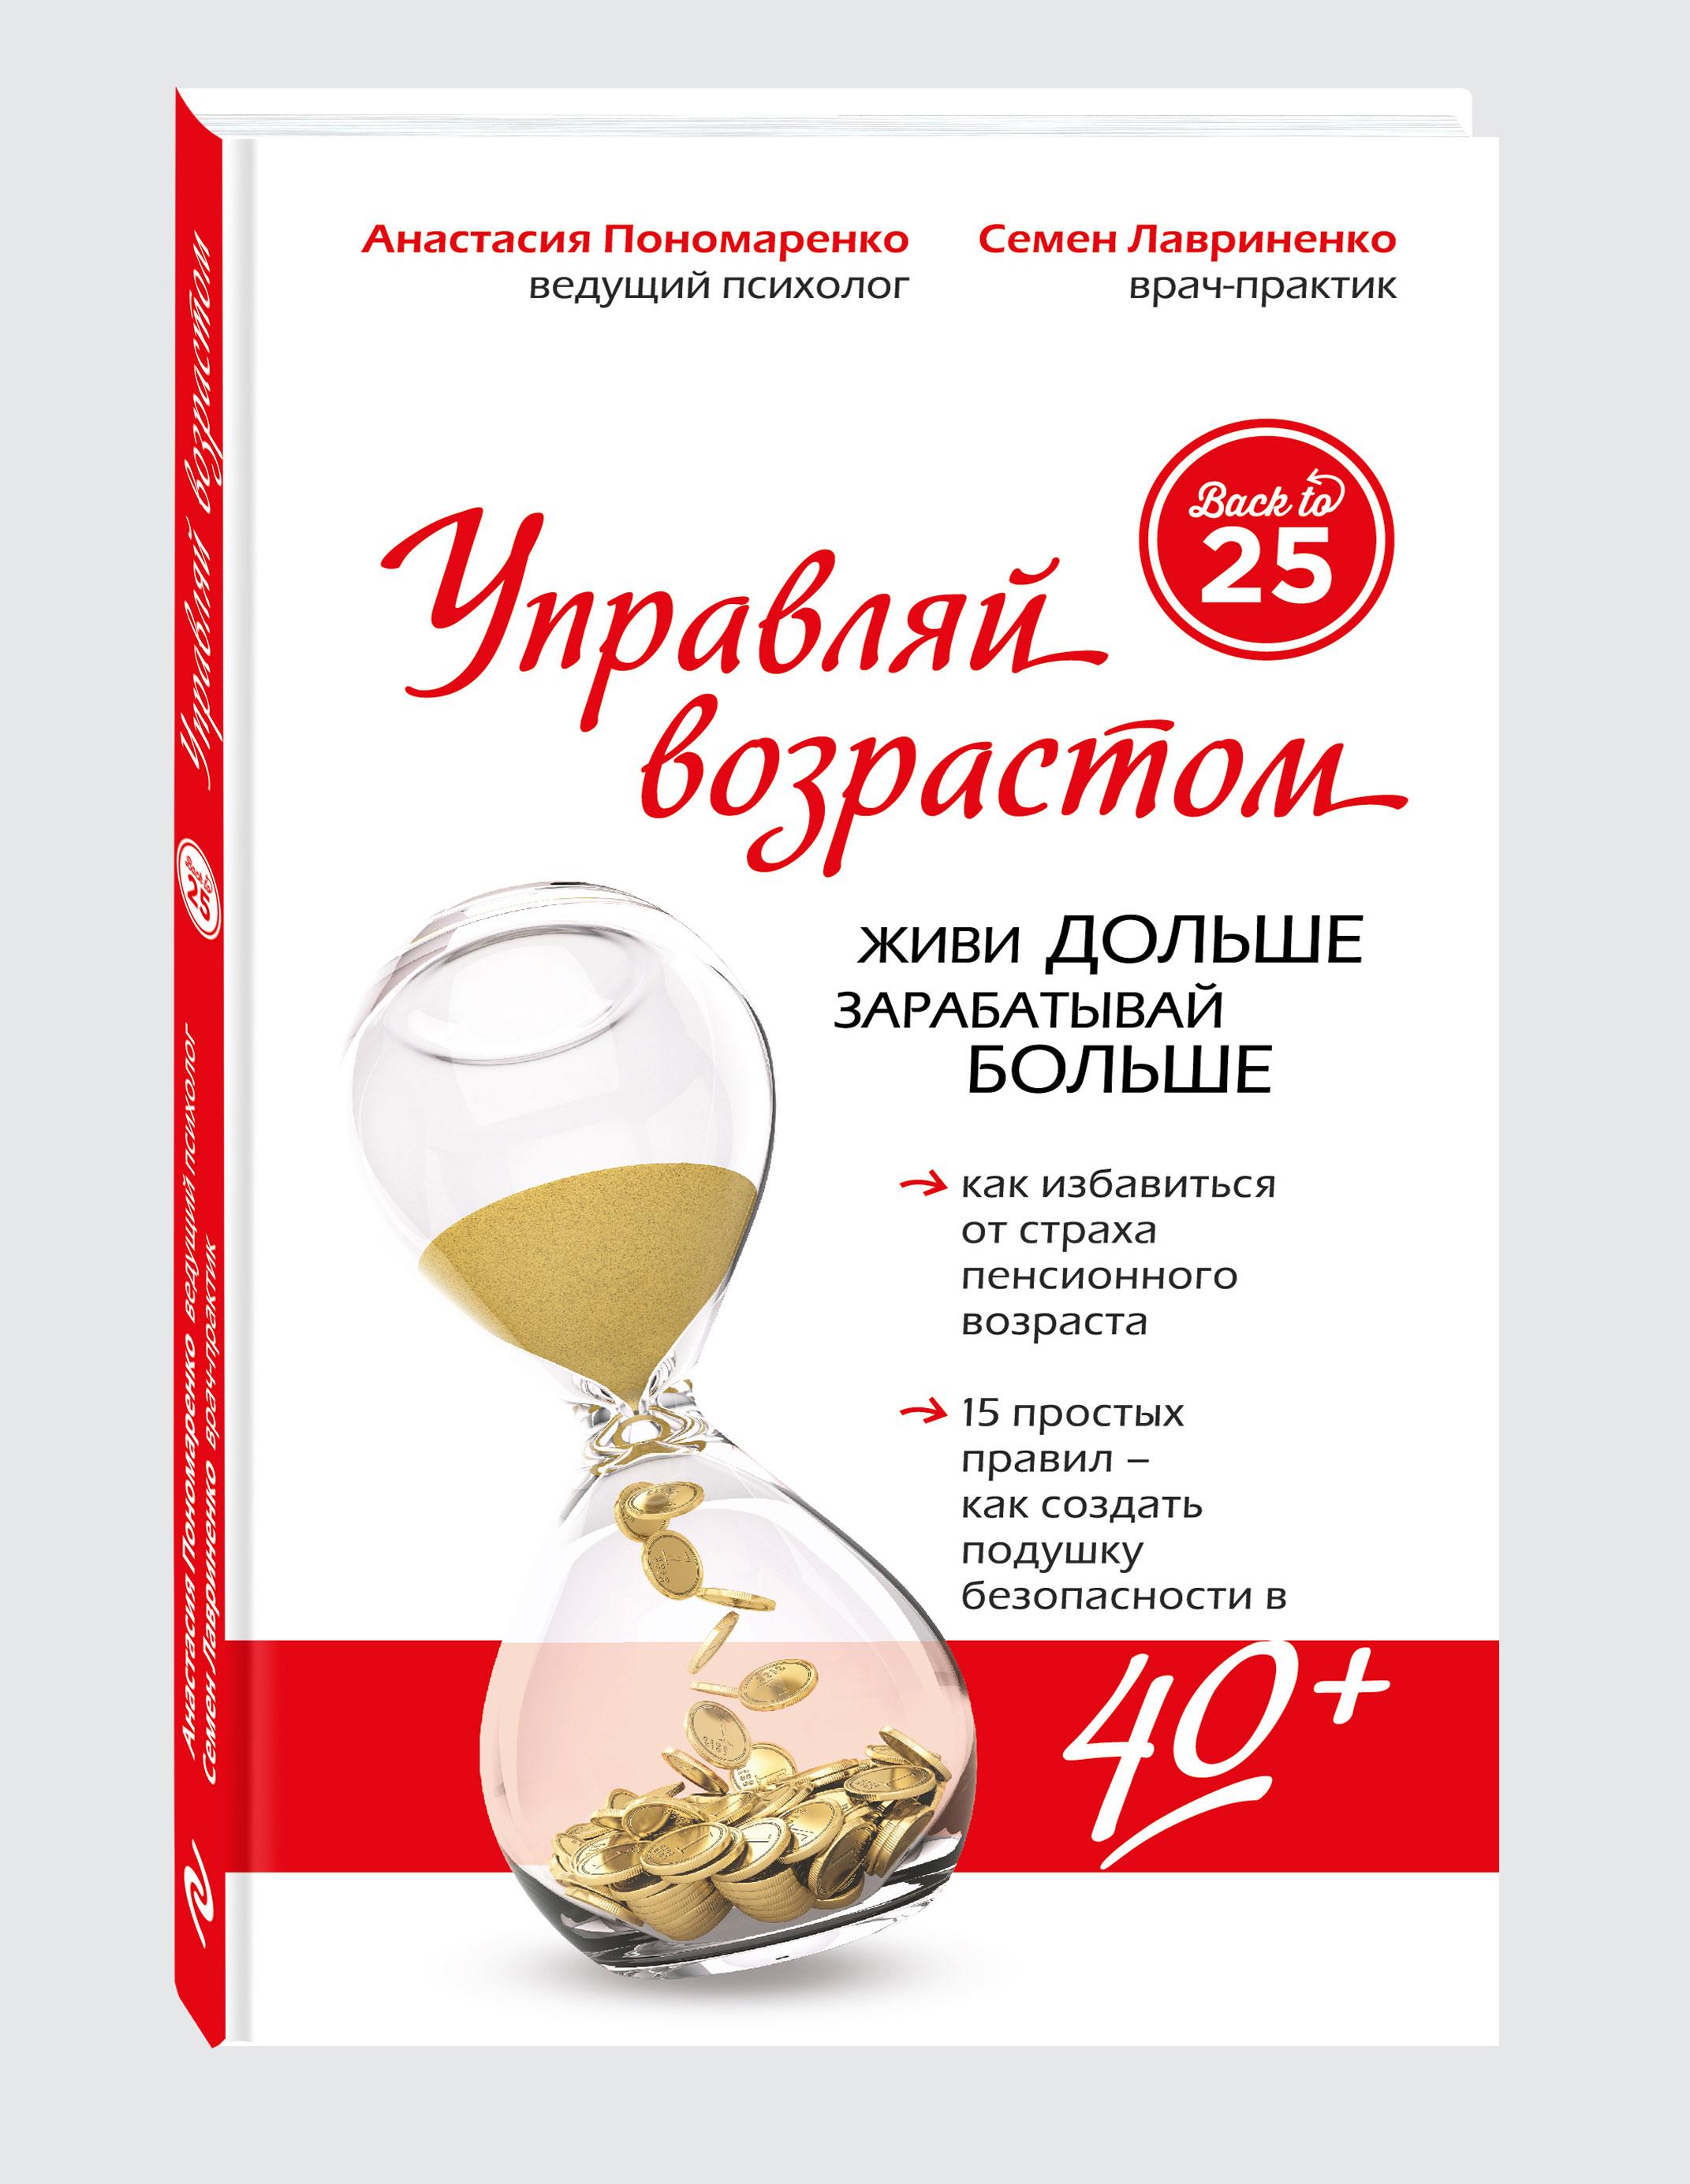 Анастасия Пономаренко, Семен Лавриненко Управляй возрастом. Живи дольше, зарабатывай больше